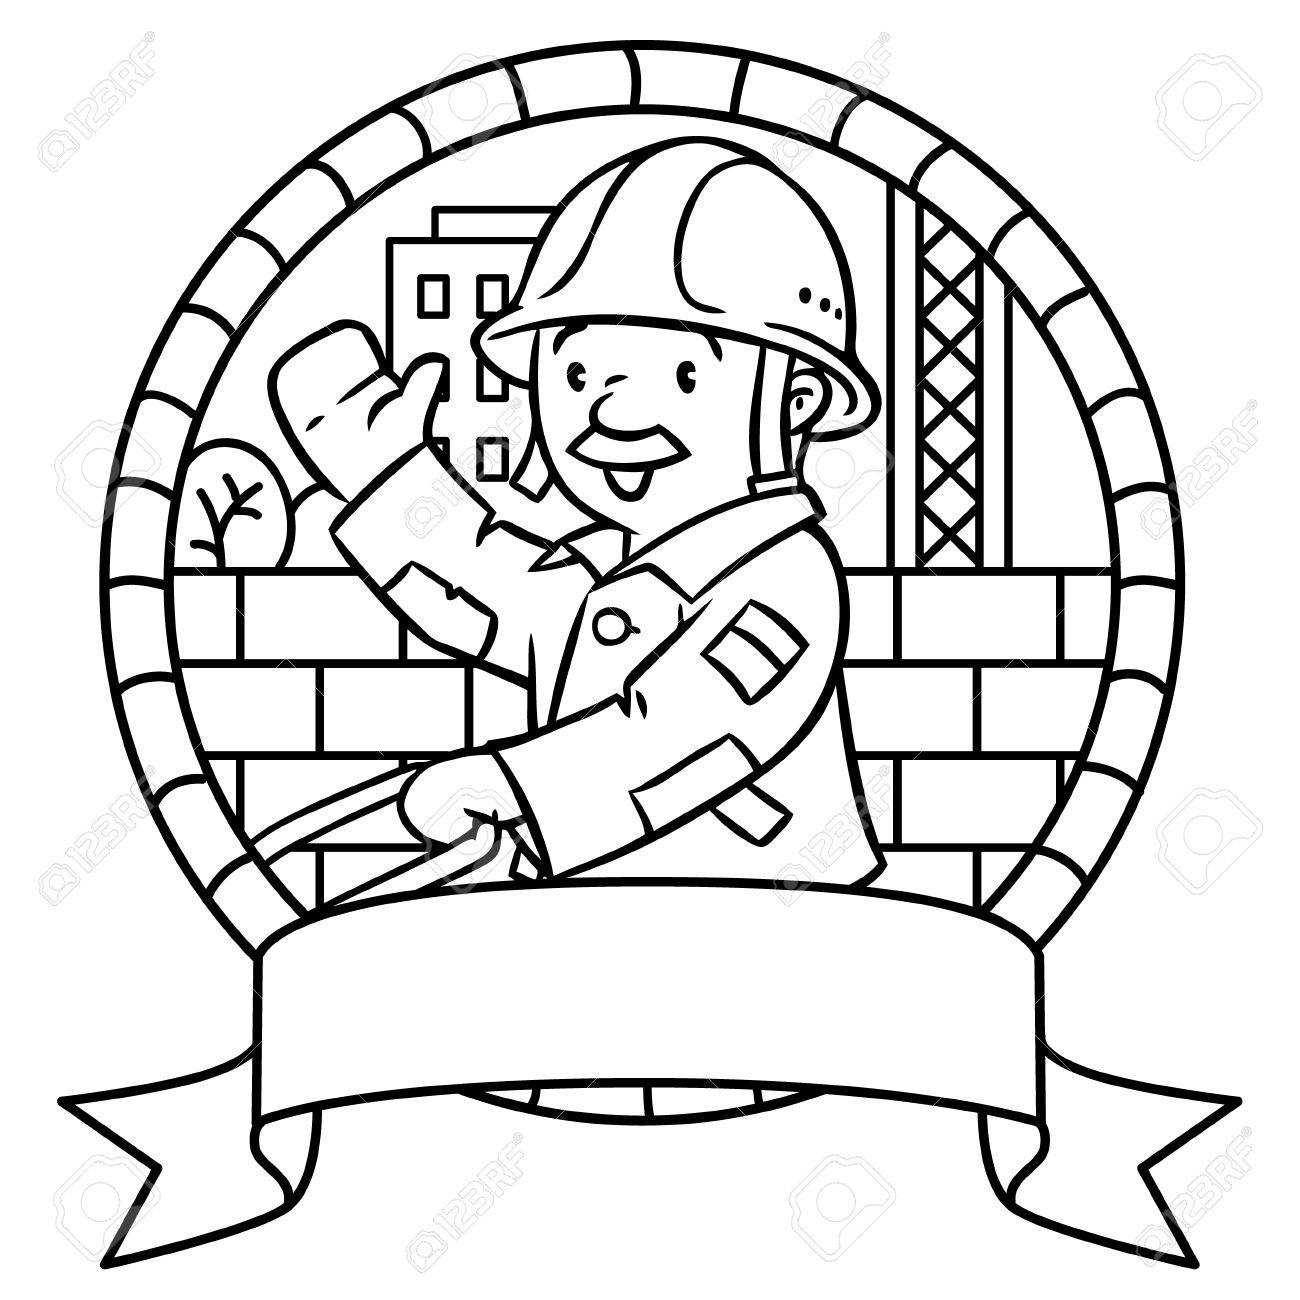 Coloriage ou livre de coloriage de travailleur de la construction drôle ou  le constructeur avec panier. Série Profession. vecteur Childrens ...